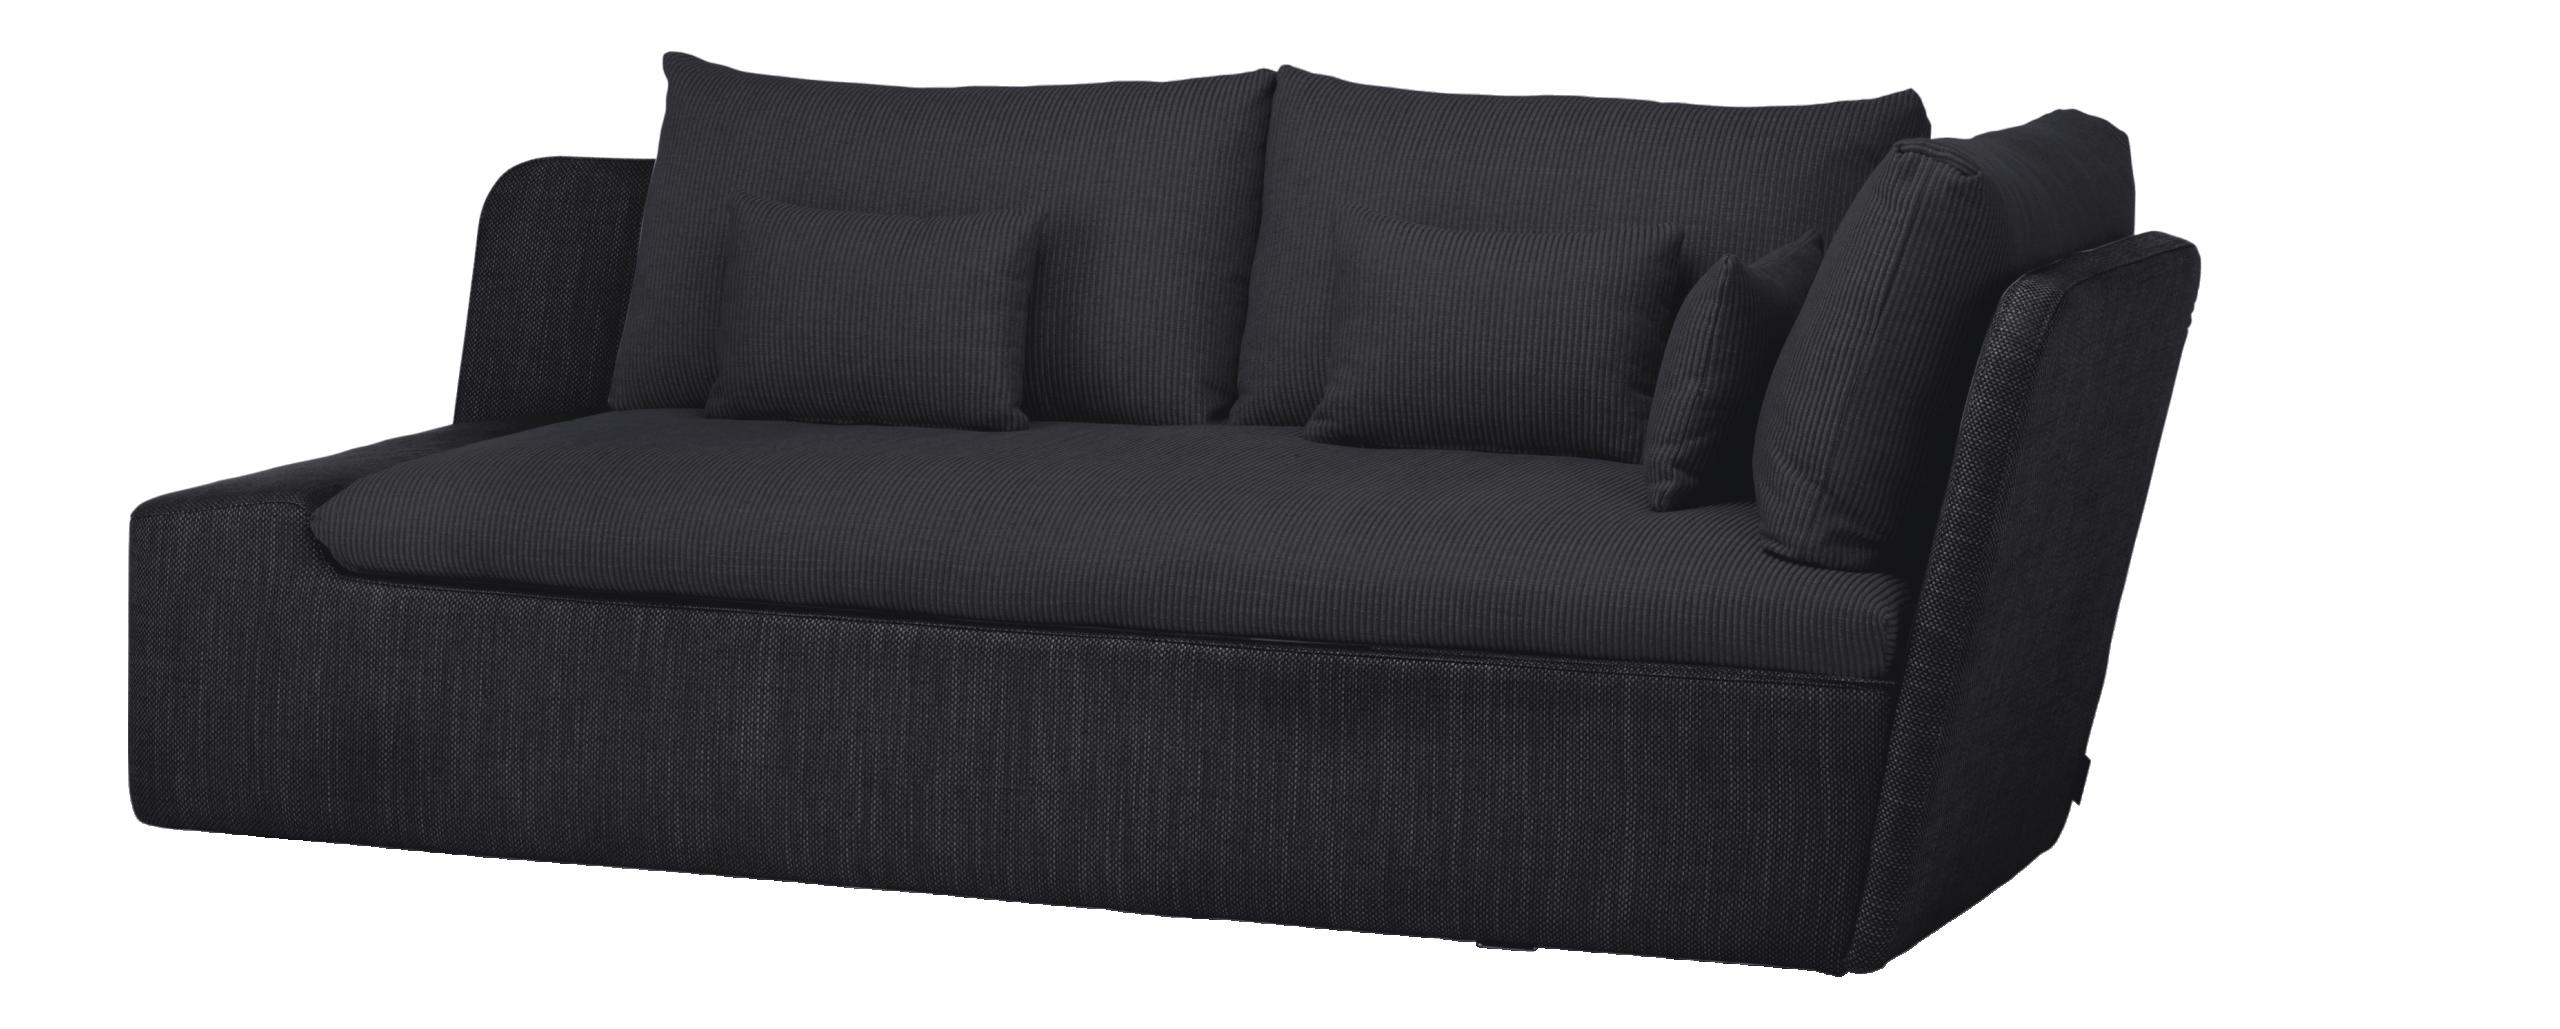 Canapé d angle Freeport convertible Textile gris clair